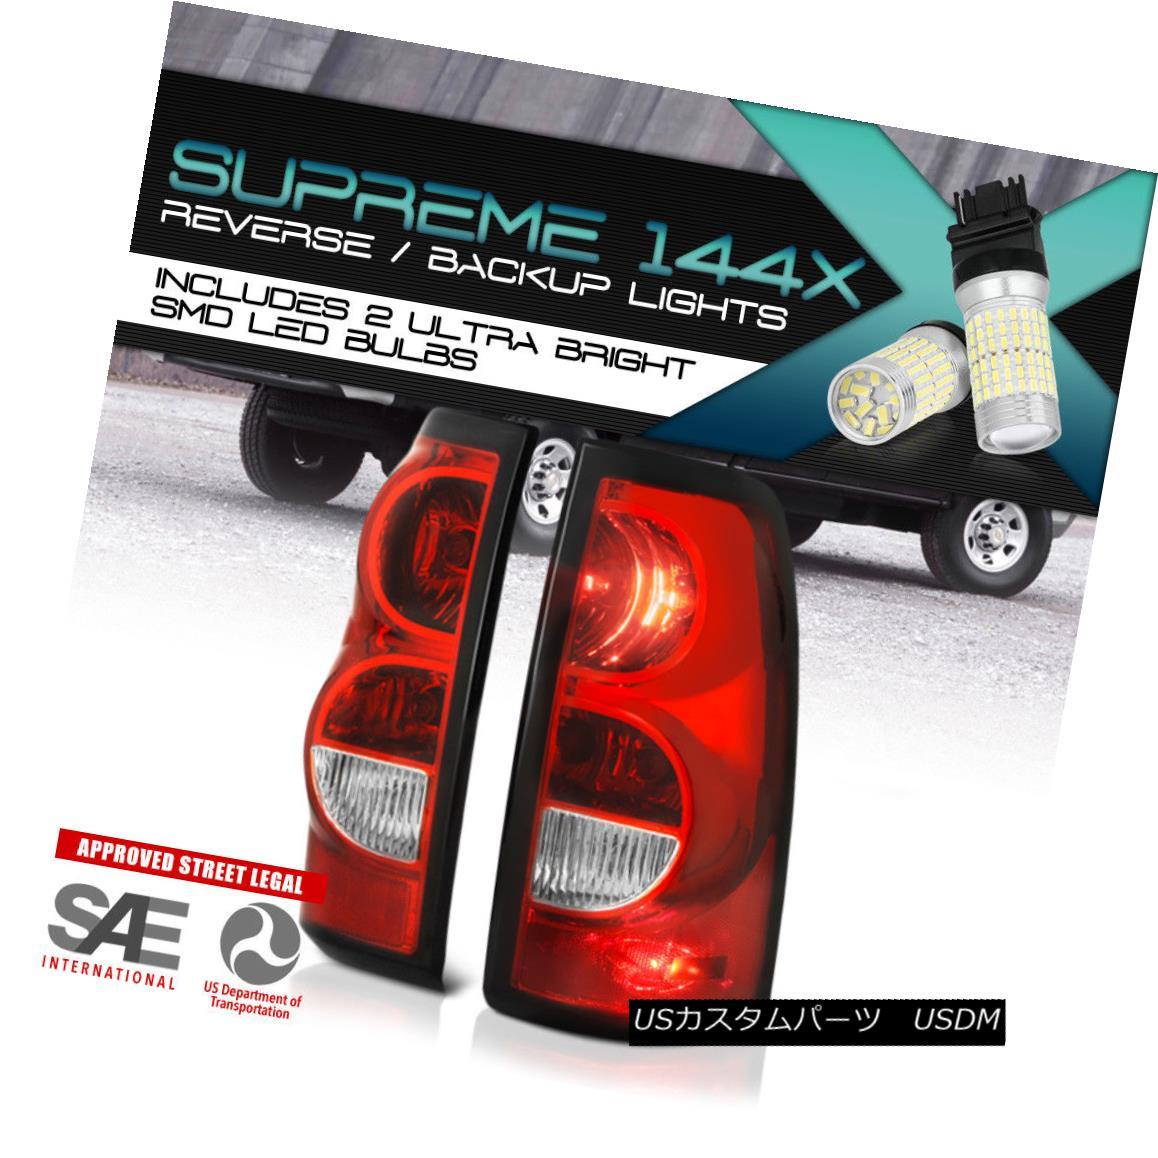 テールライト 360 DEGREE SMD REVERSE Factory Style Red Brake Tail Lights 03-06 Chevy Silverado 360度SMDリバース工場スタイルレッドブレーキテールライト03-06 Chevy Silverado